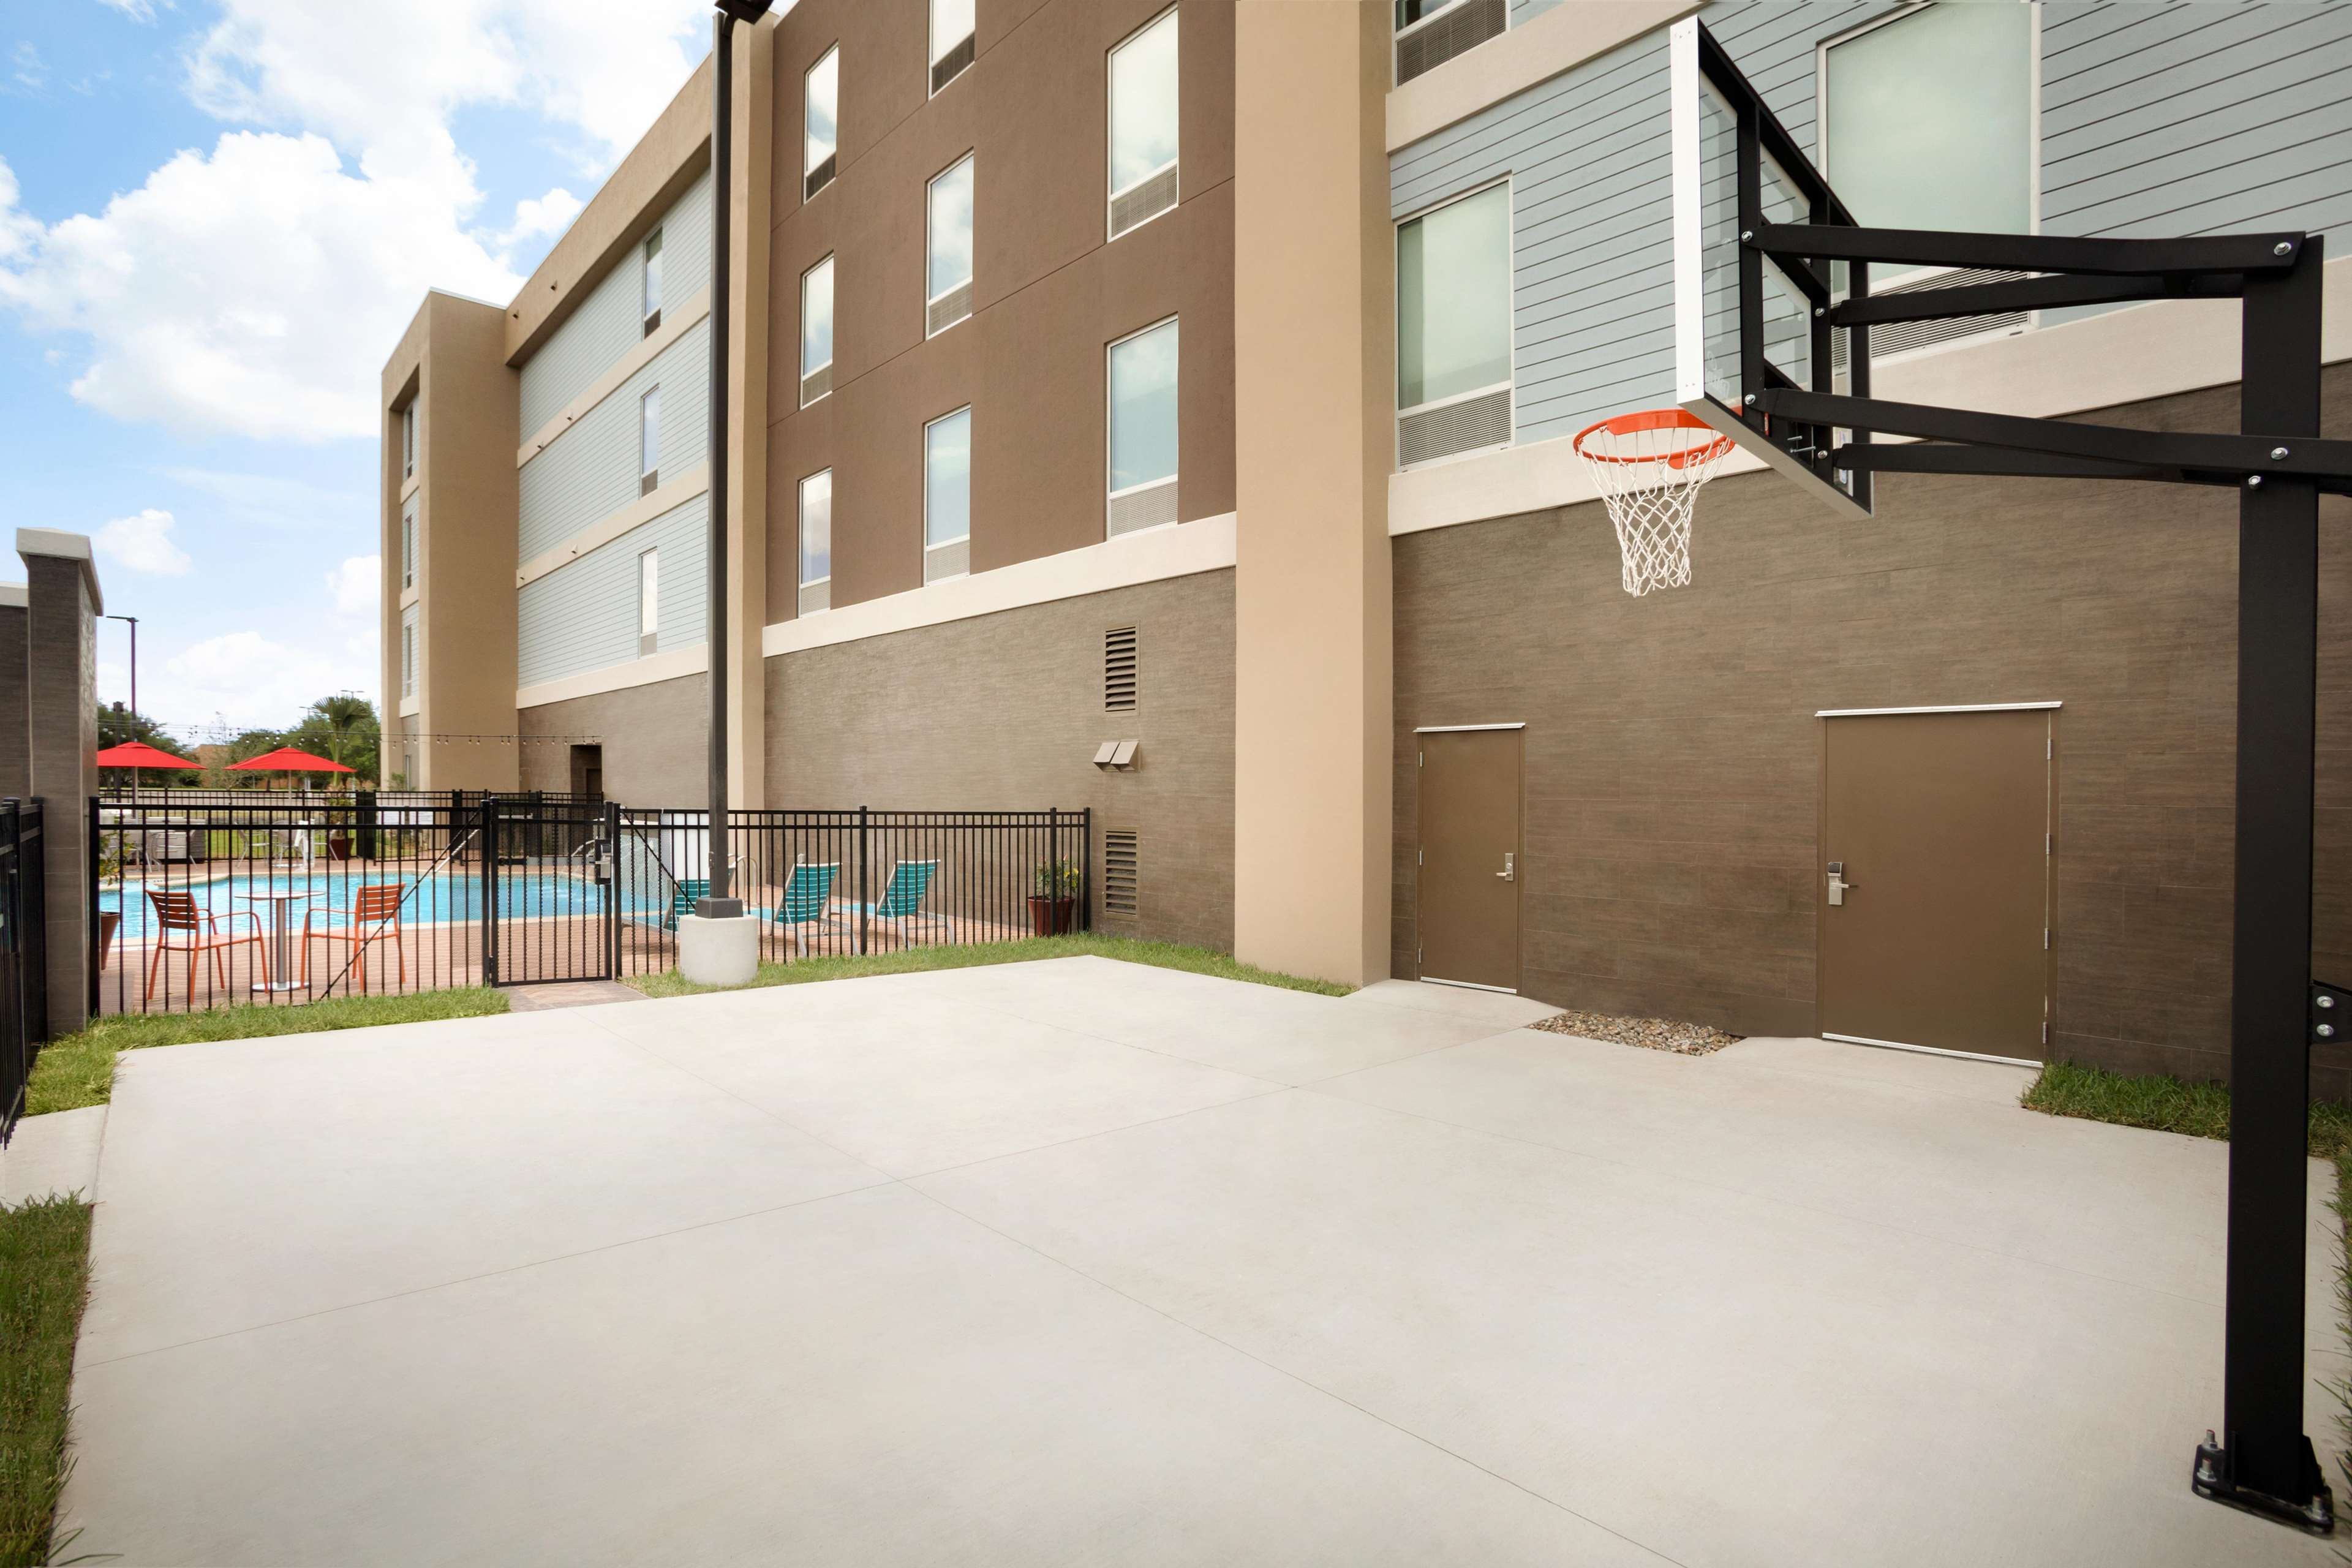 Home2 Suites by Hilton McAllen image 38